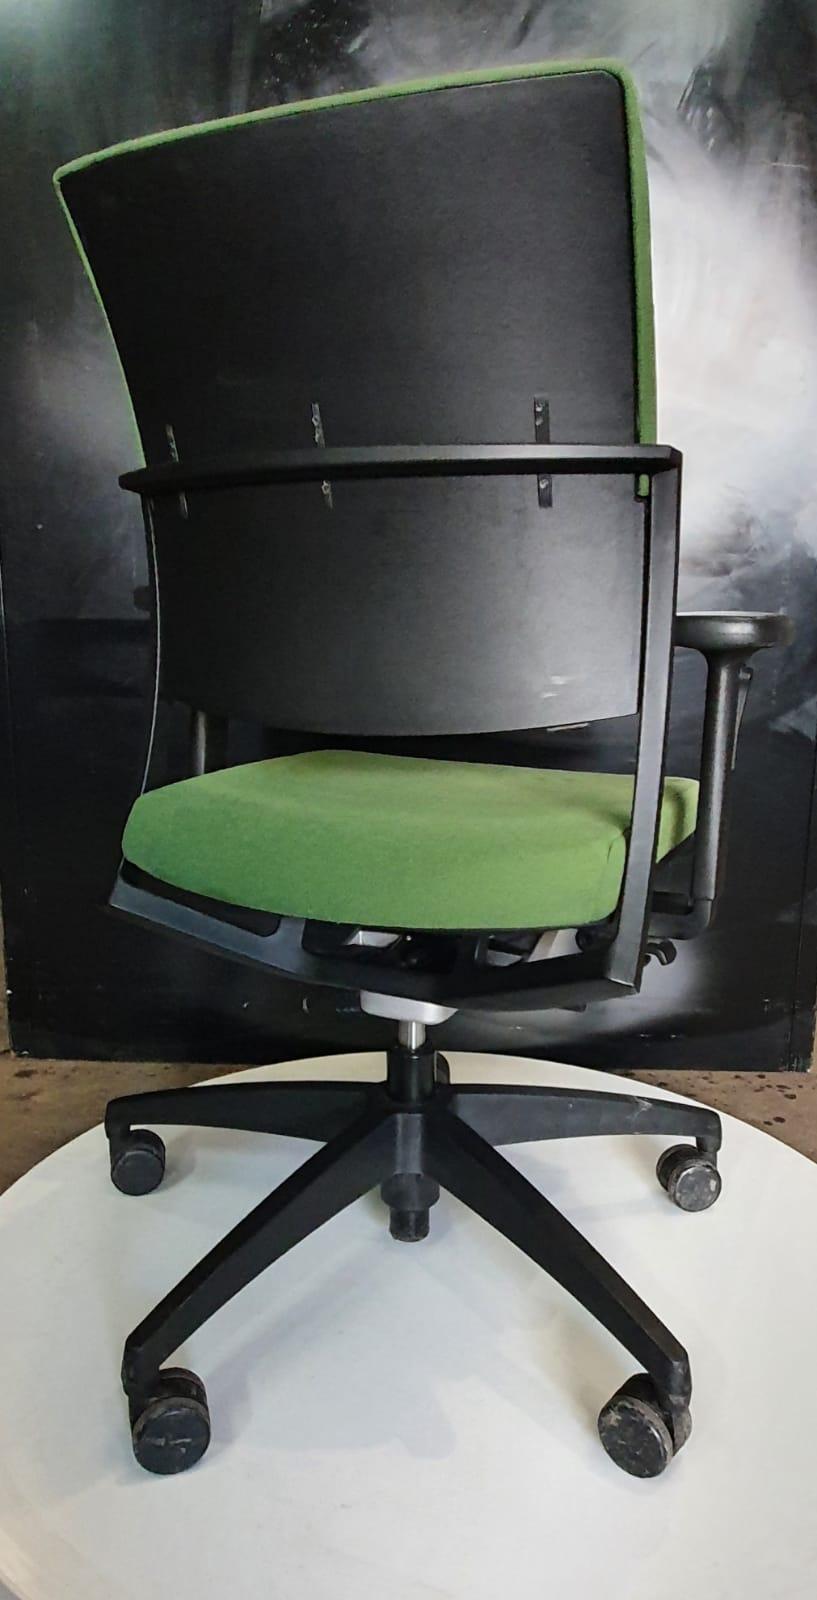 fauteuil de bureau ergonomique sitag d occasion